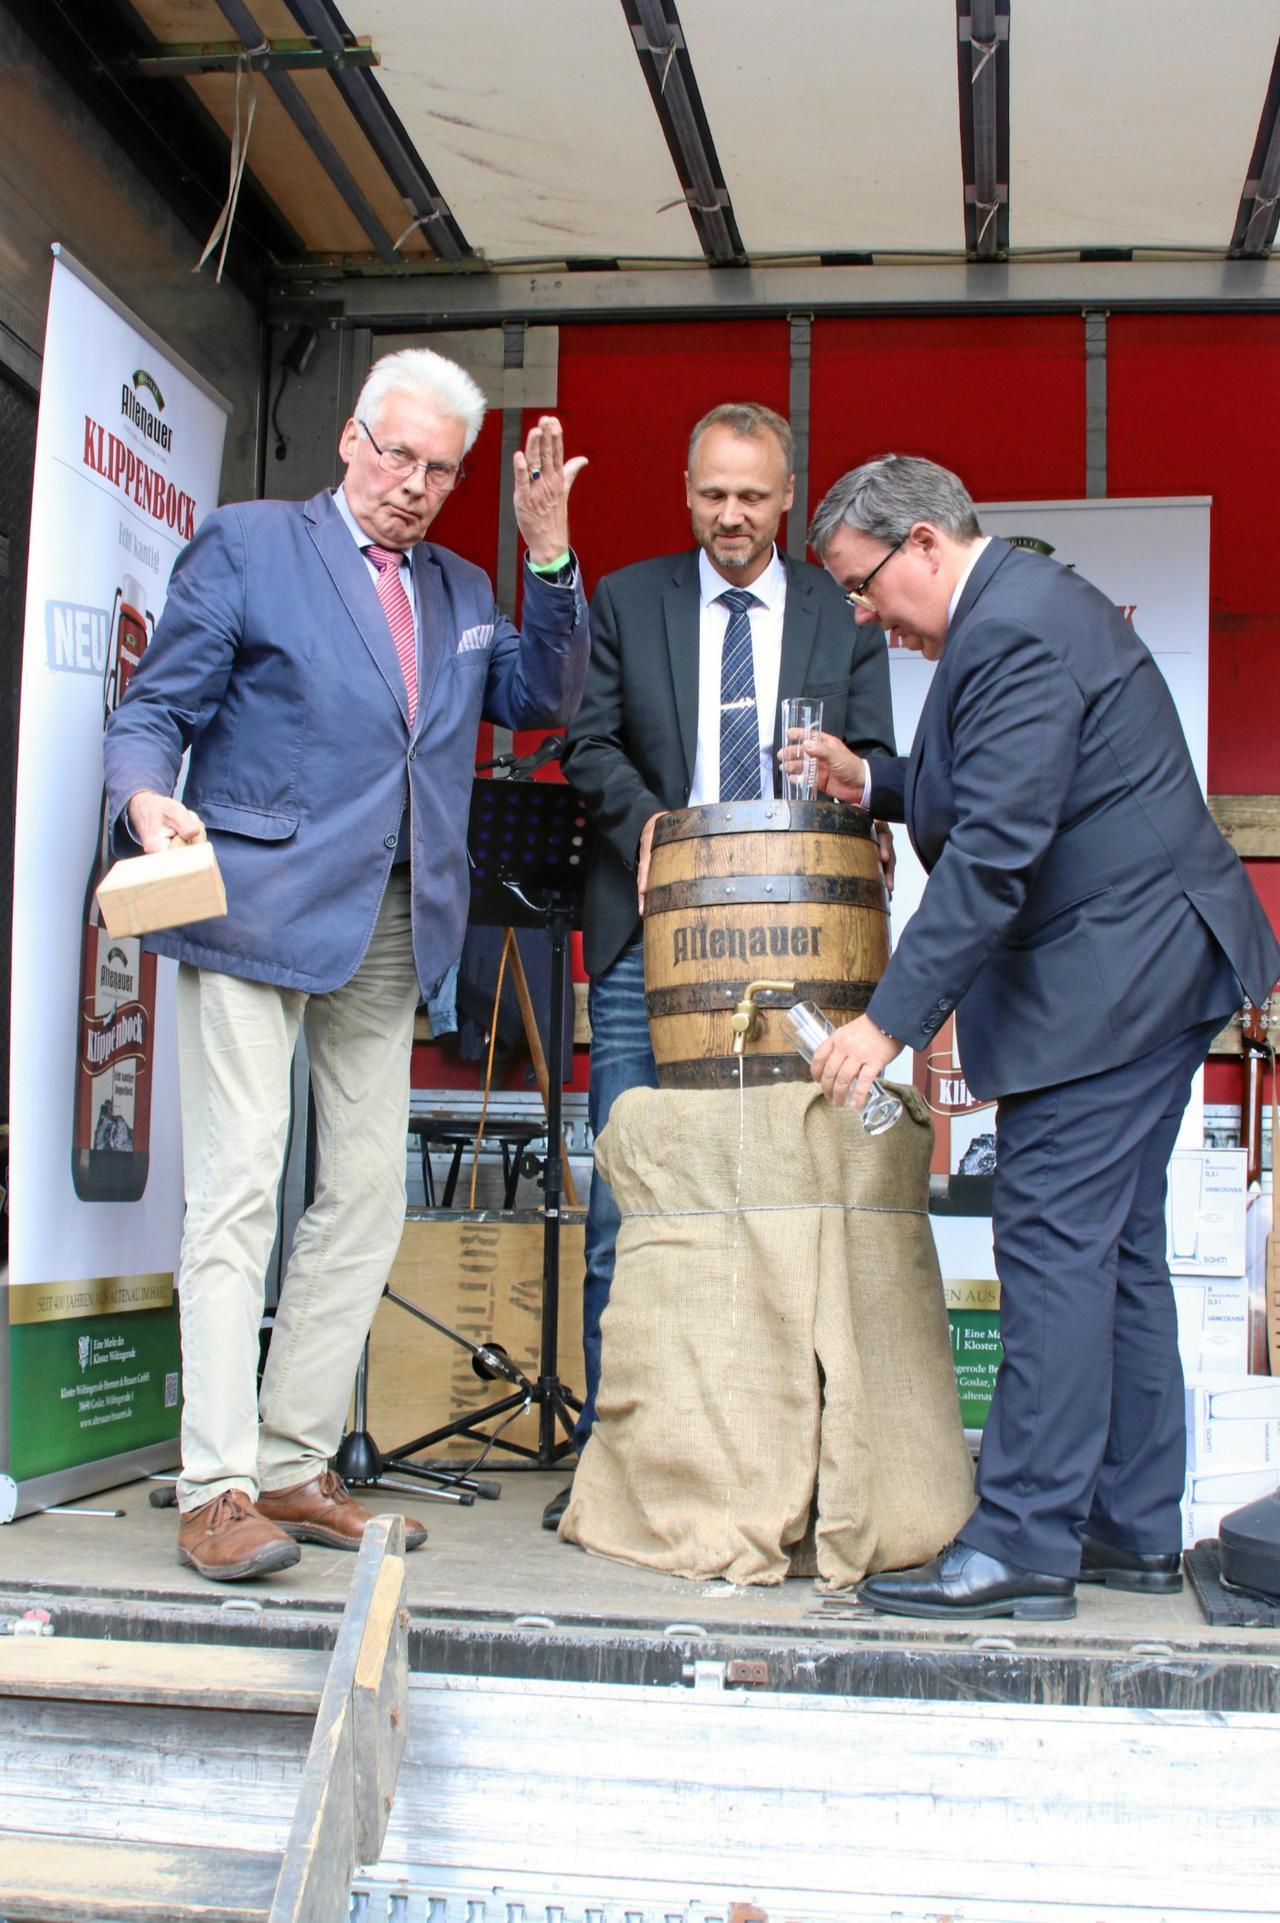 600 Besucher in der Altenauer Brauerei